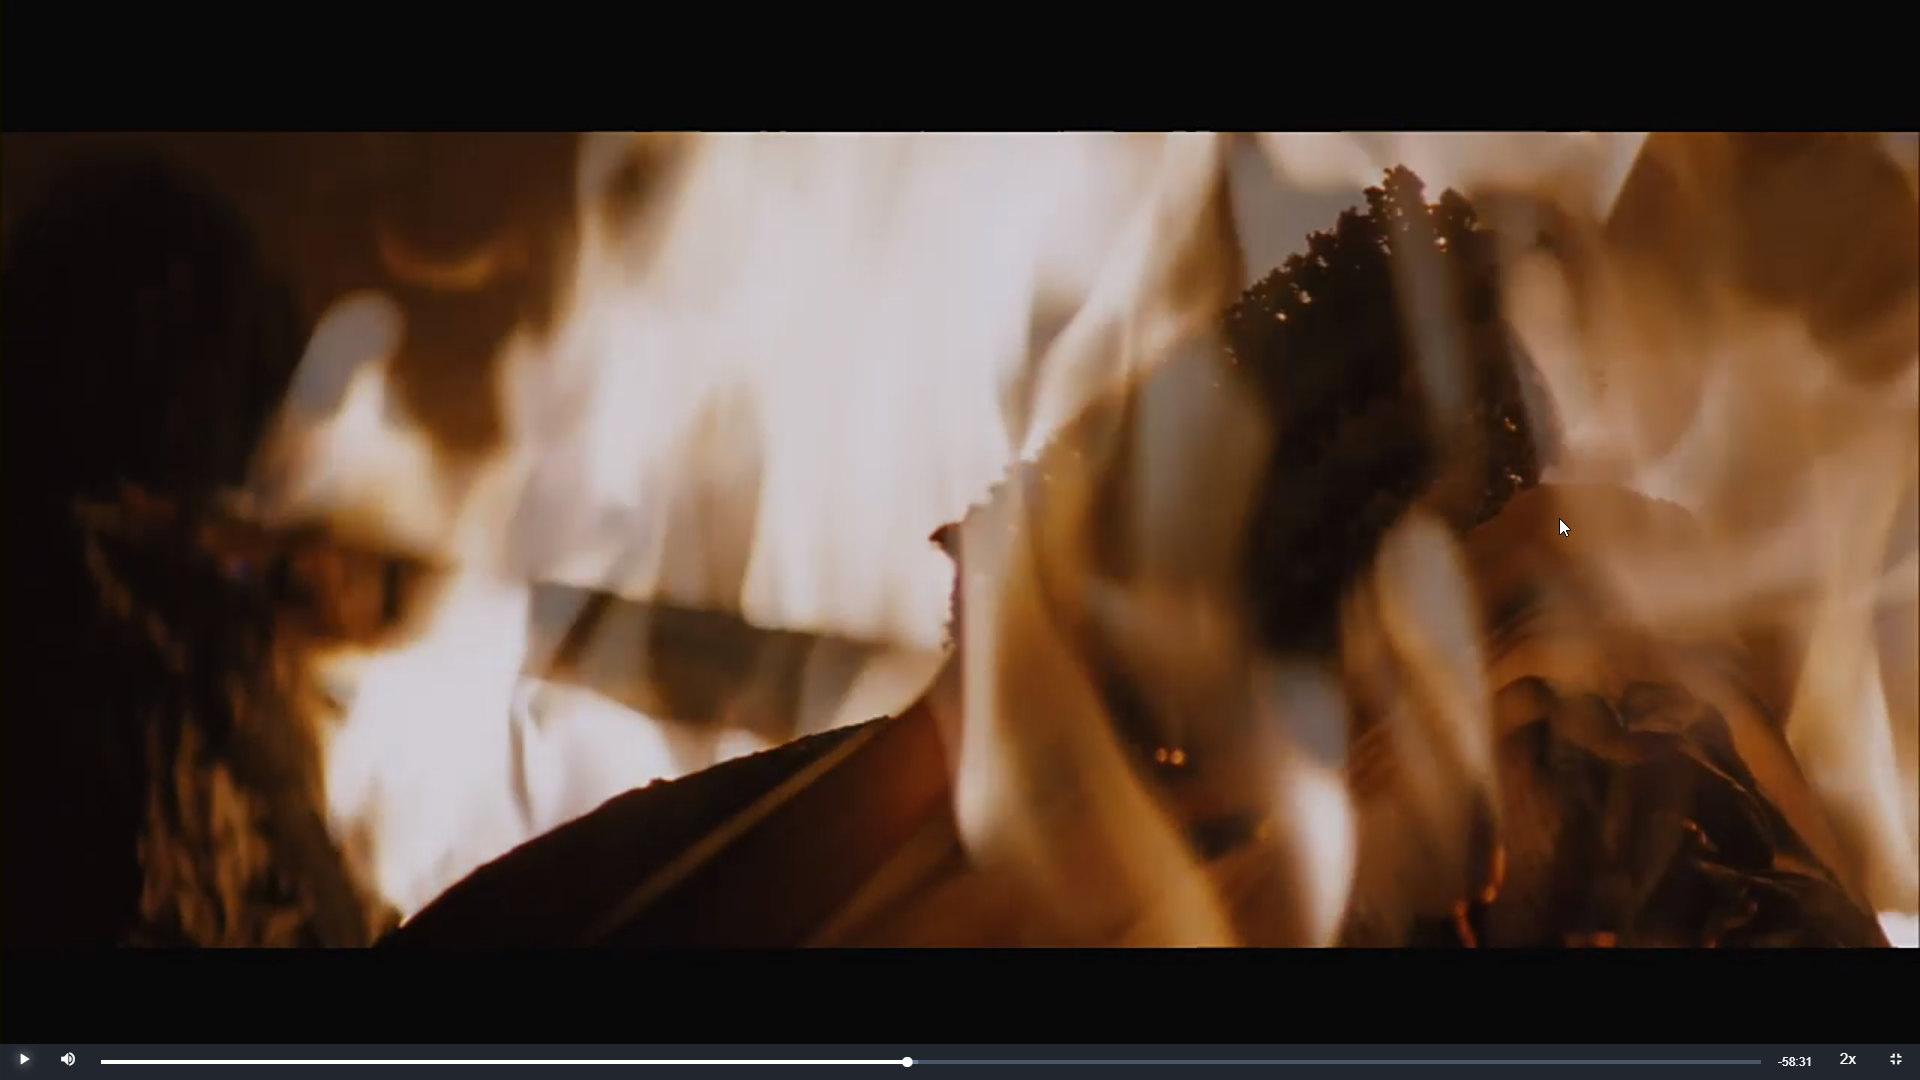 [感想] 電影-記憶拼圖 Memento (2000) 整理順序劇情&爭議討論-090.jpg